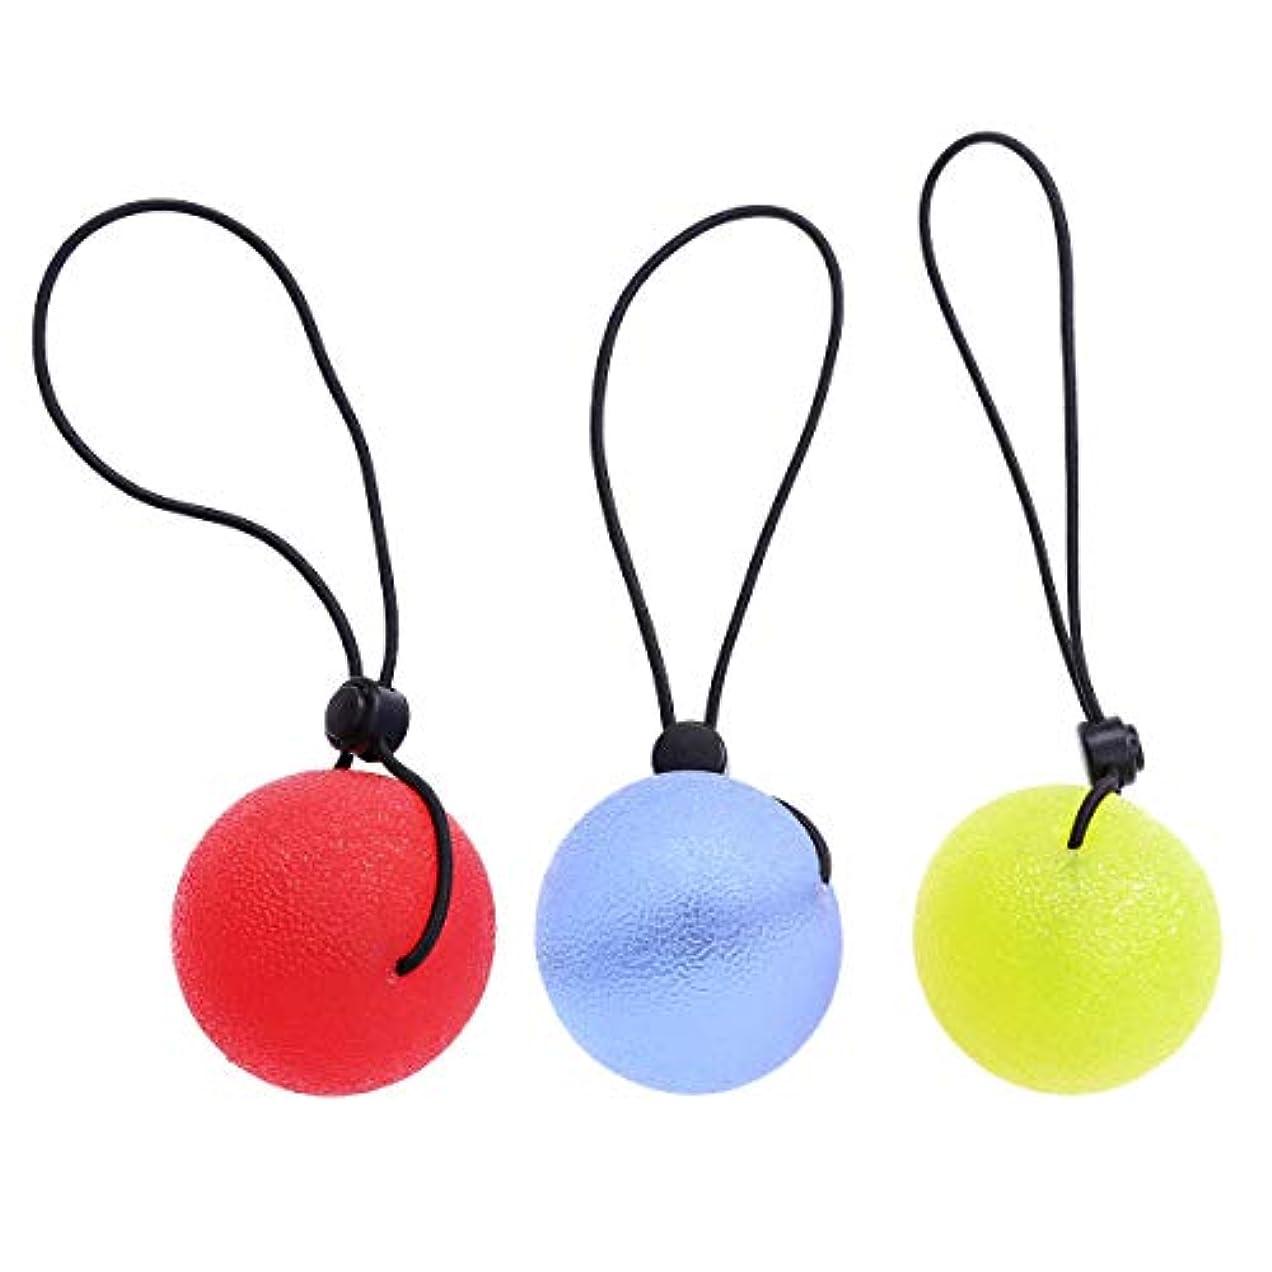 シンポジウム十一途方もないHEALIFTY ストレスリリーフボール、3本の指グリップボールセラピーエクササイズスクイズ卵ストレスボールストリングフィットネス機器(ランダムカラー)